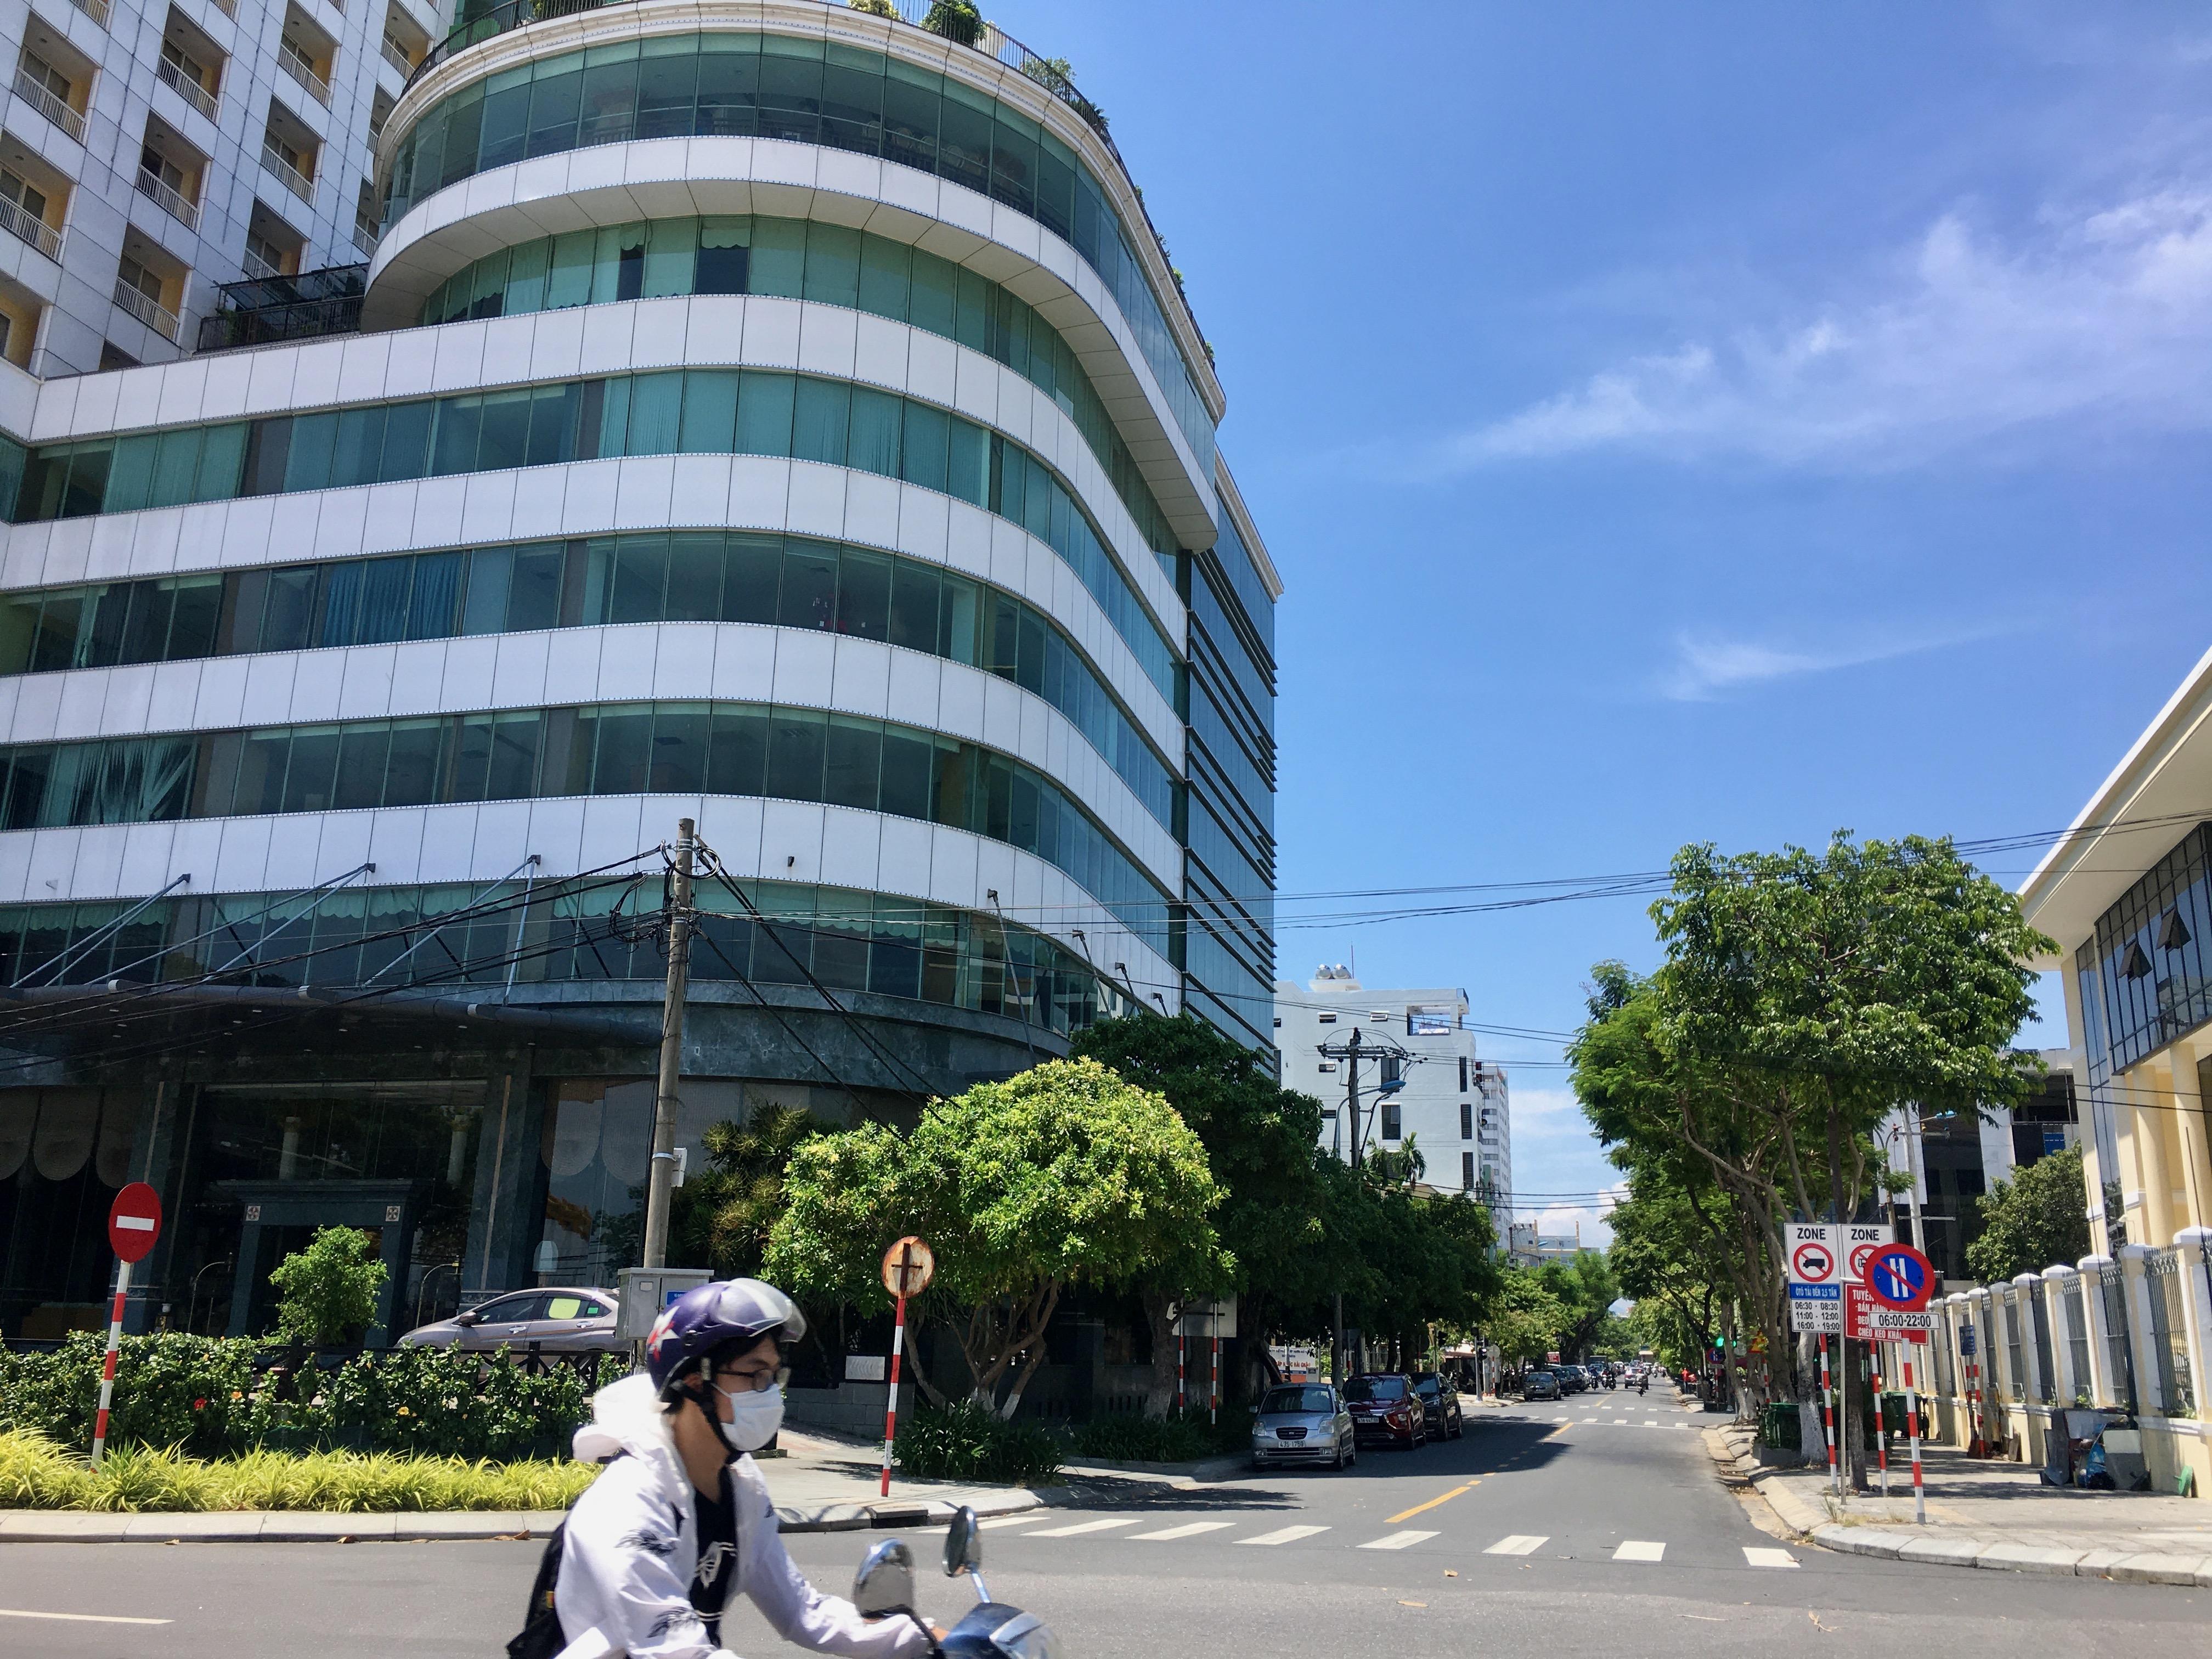 Phố khách sạn Đà Nẵng 'tối đèn', rao bán hàng trăm tỉ đồng - Ảnh 19.